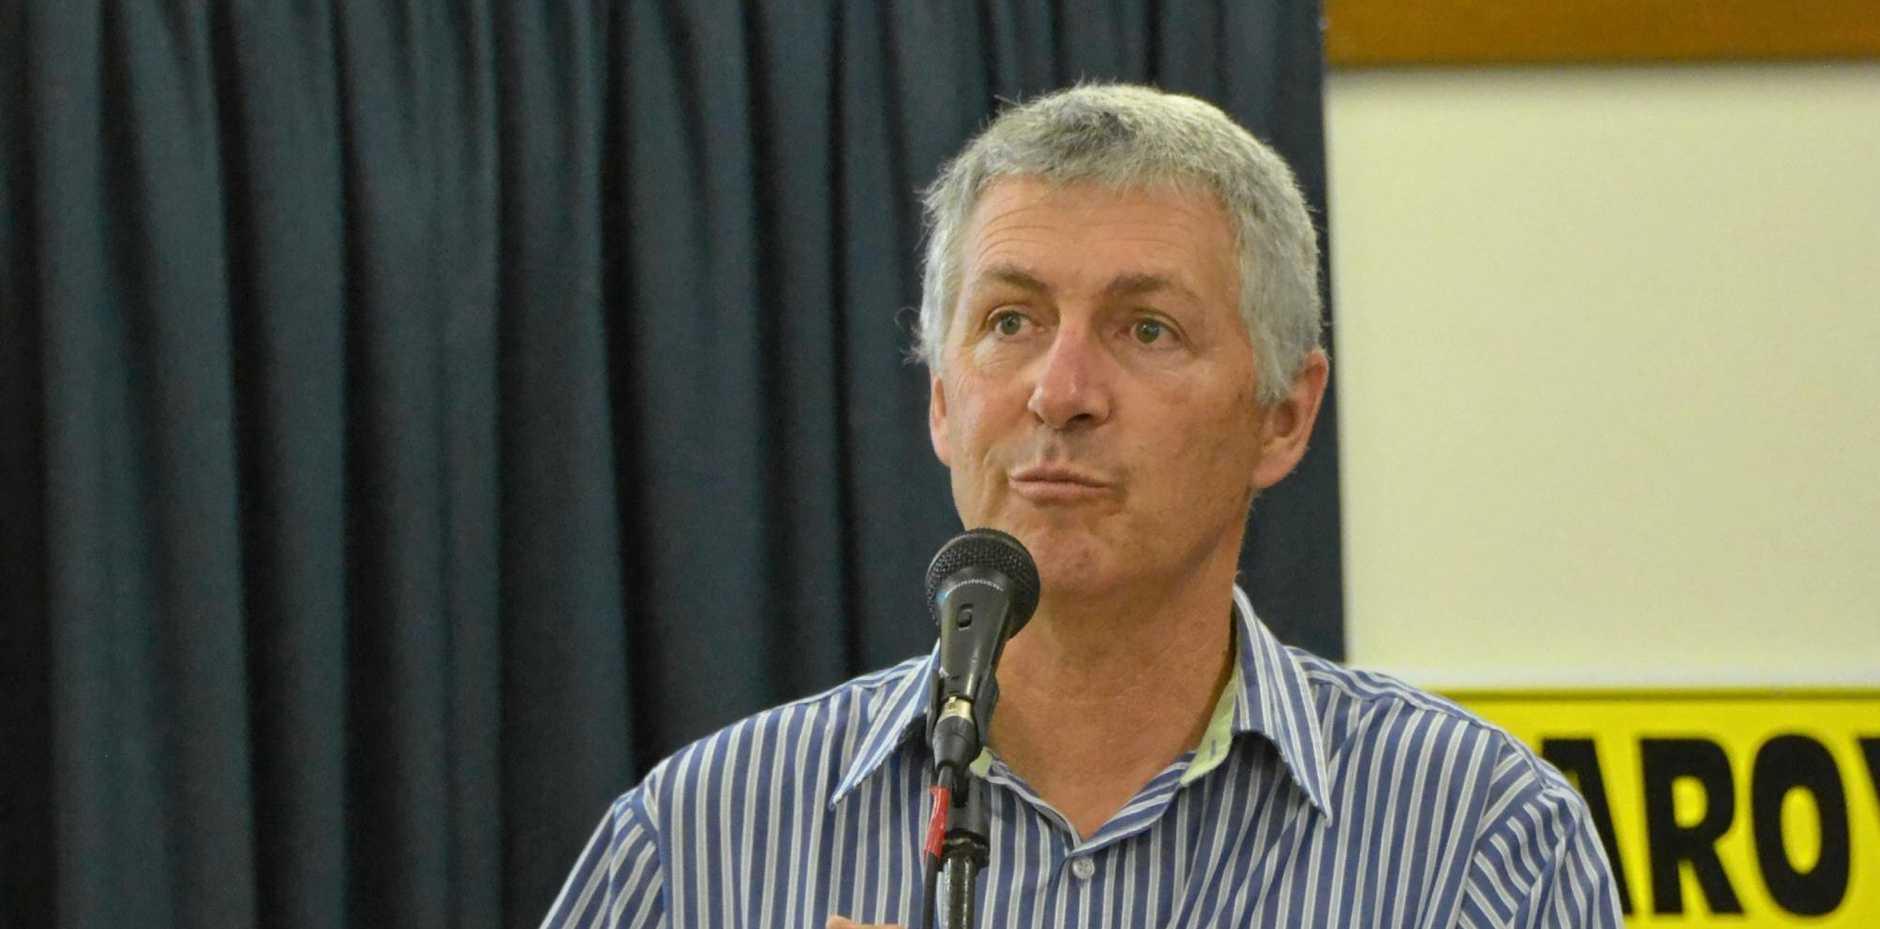 John Dalton speaking at the KCCG AGM.